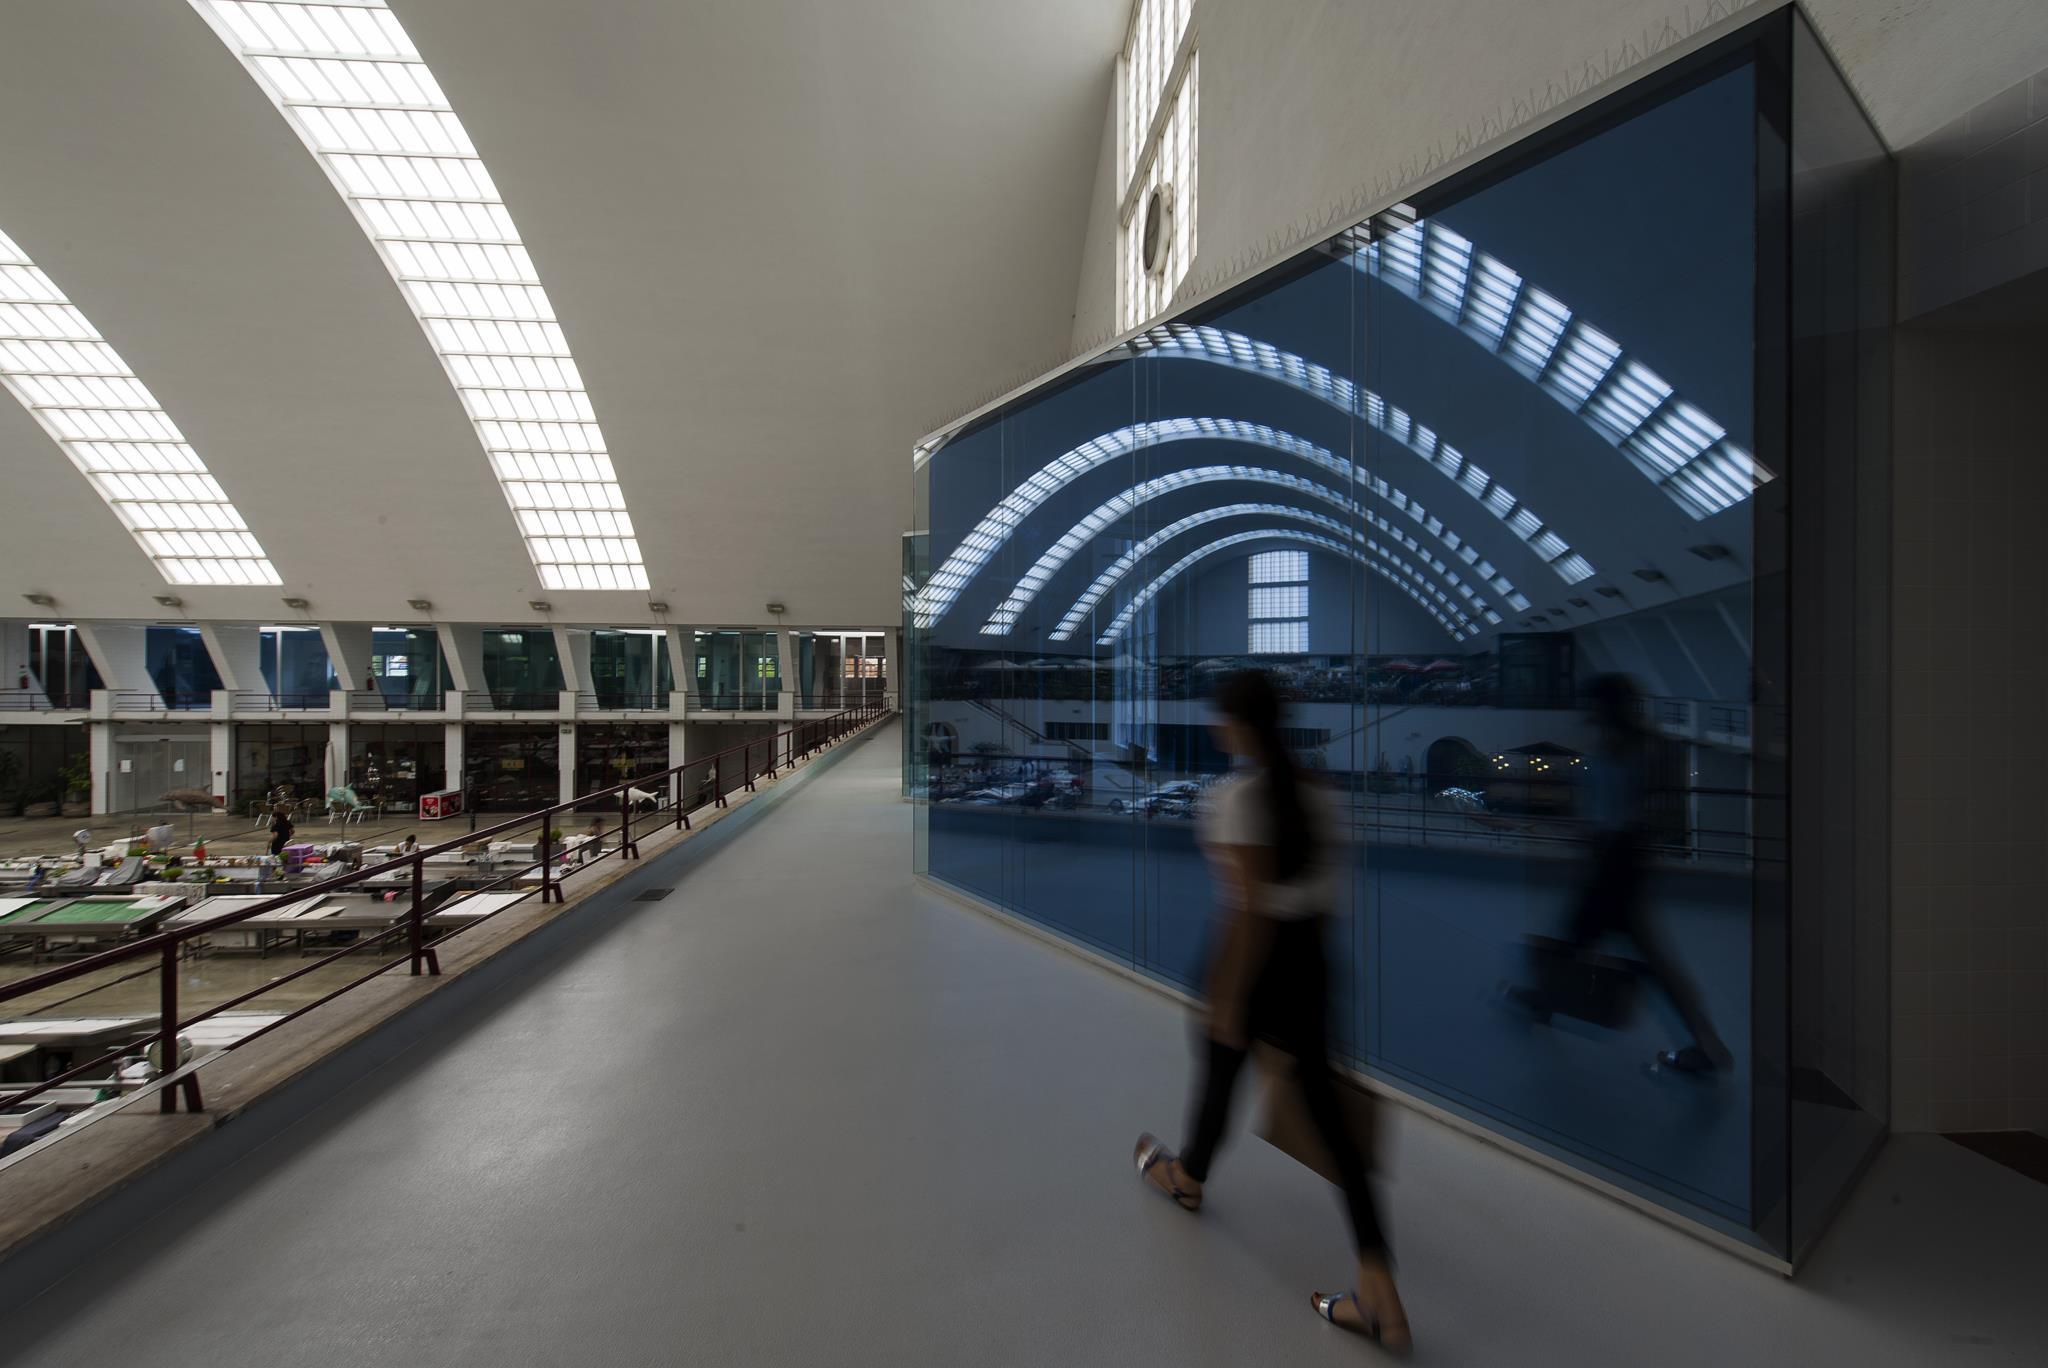 PÚBLICO - O design dos <I>millennials</I> e dos velhos-jovens na nova bienal do Porto